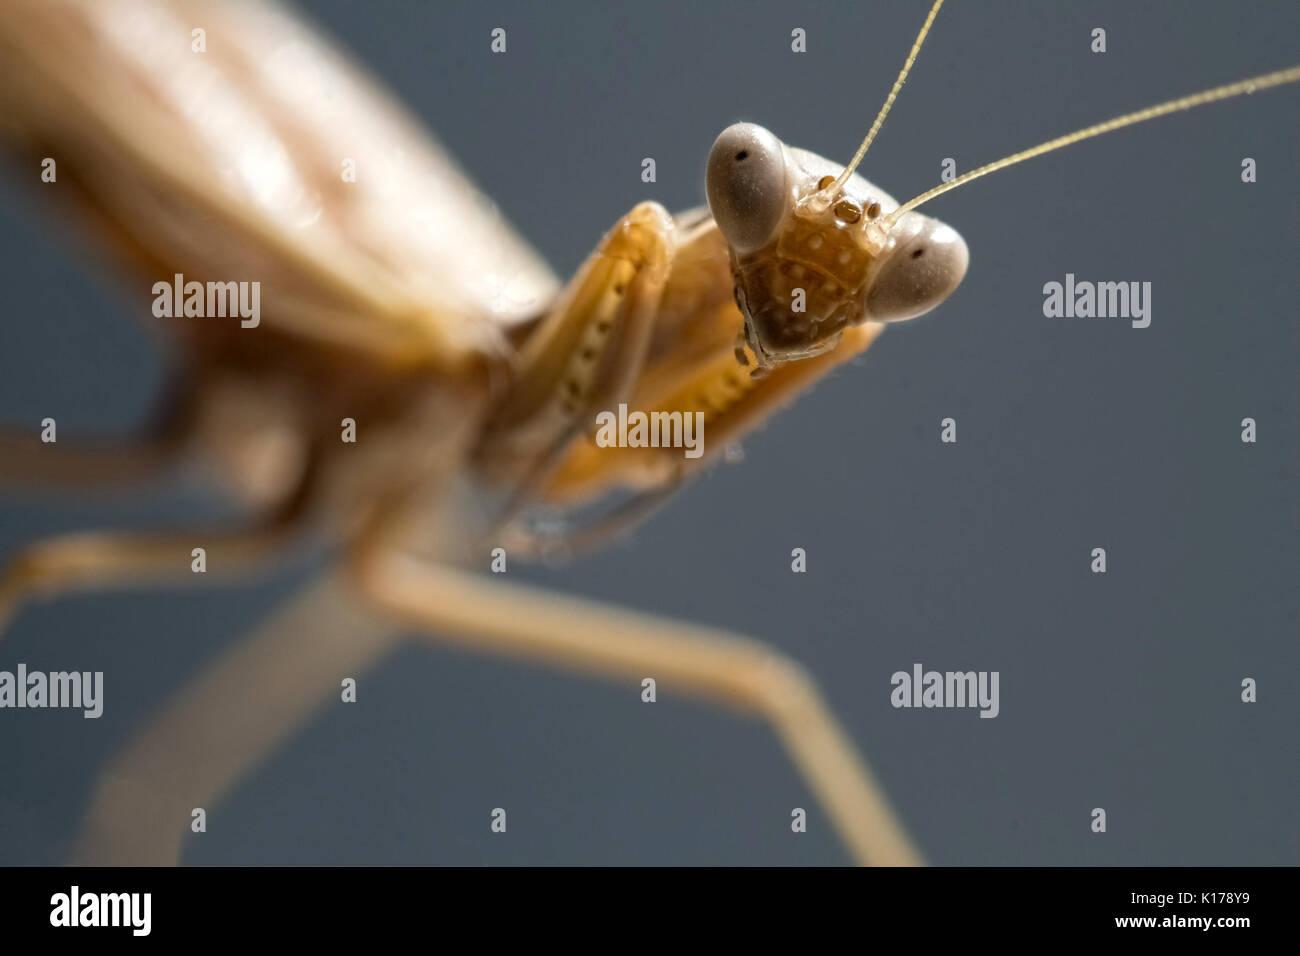 Anblick einer mantis - Porträt eines Insekts Stockbild